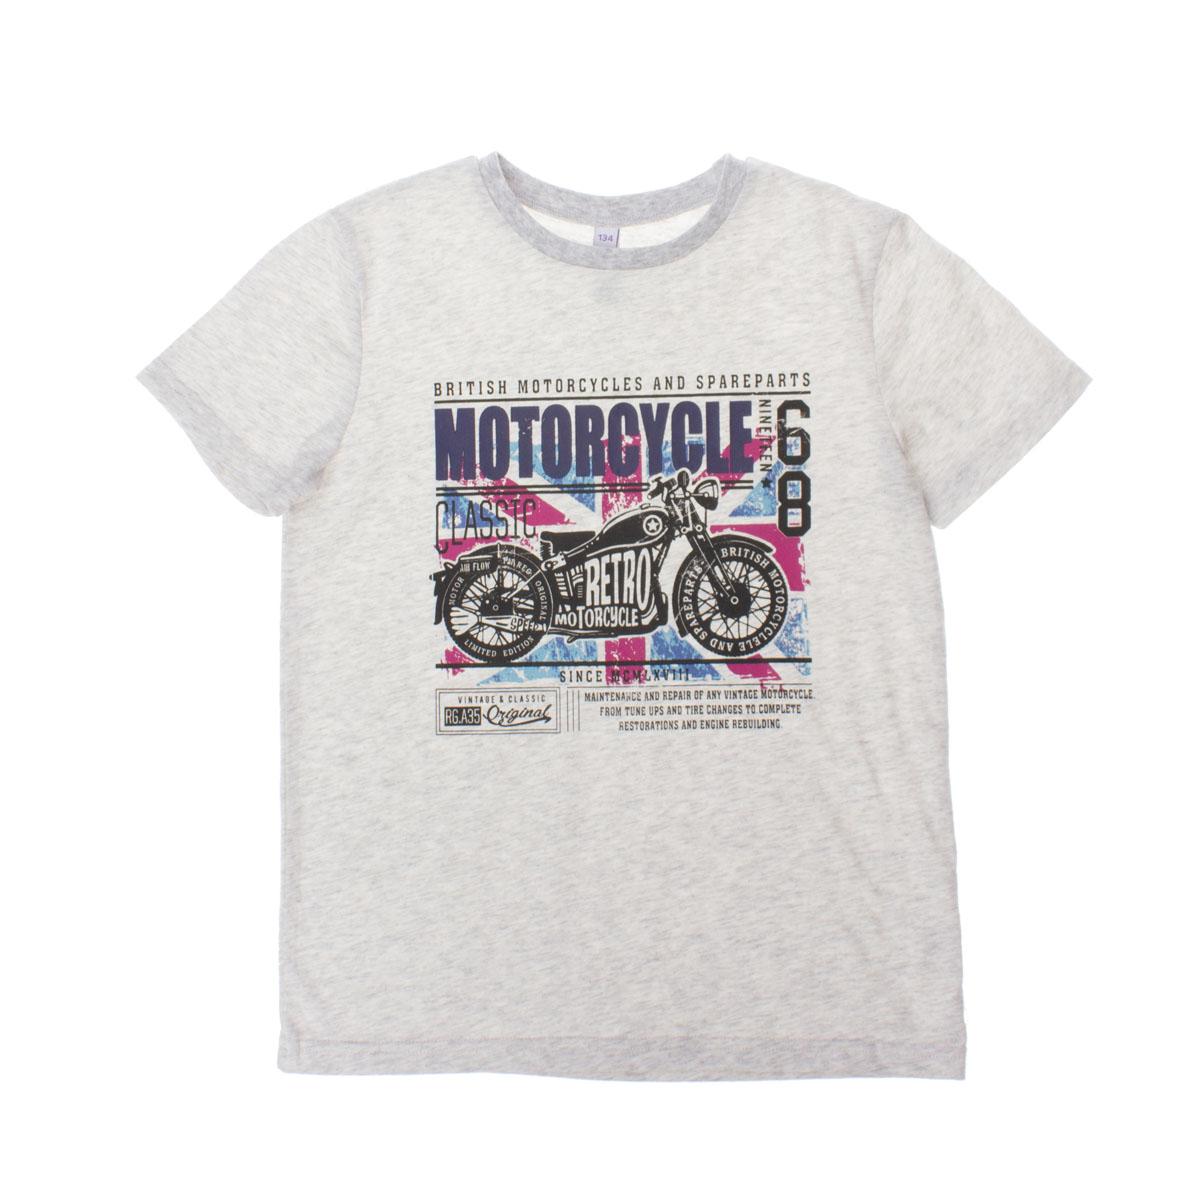 Футболка263007Мягкая хлопковая футболка с короткими рукавами и трикотажной резинкой на воротнике. Универсальный цвет позволяет сочетать ее с любой одеждой. Модель оформлена резиновым принтом с изображением мотоцикла.